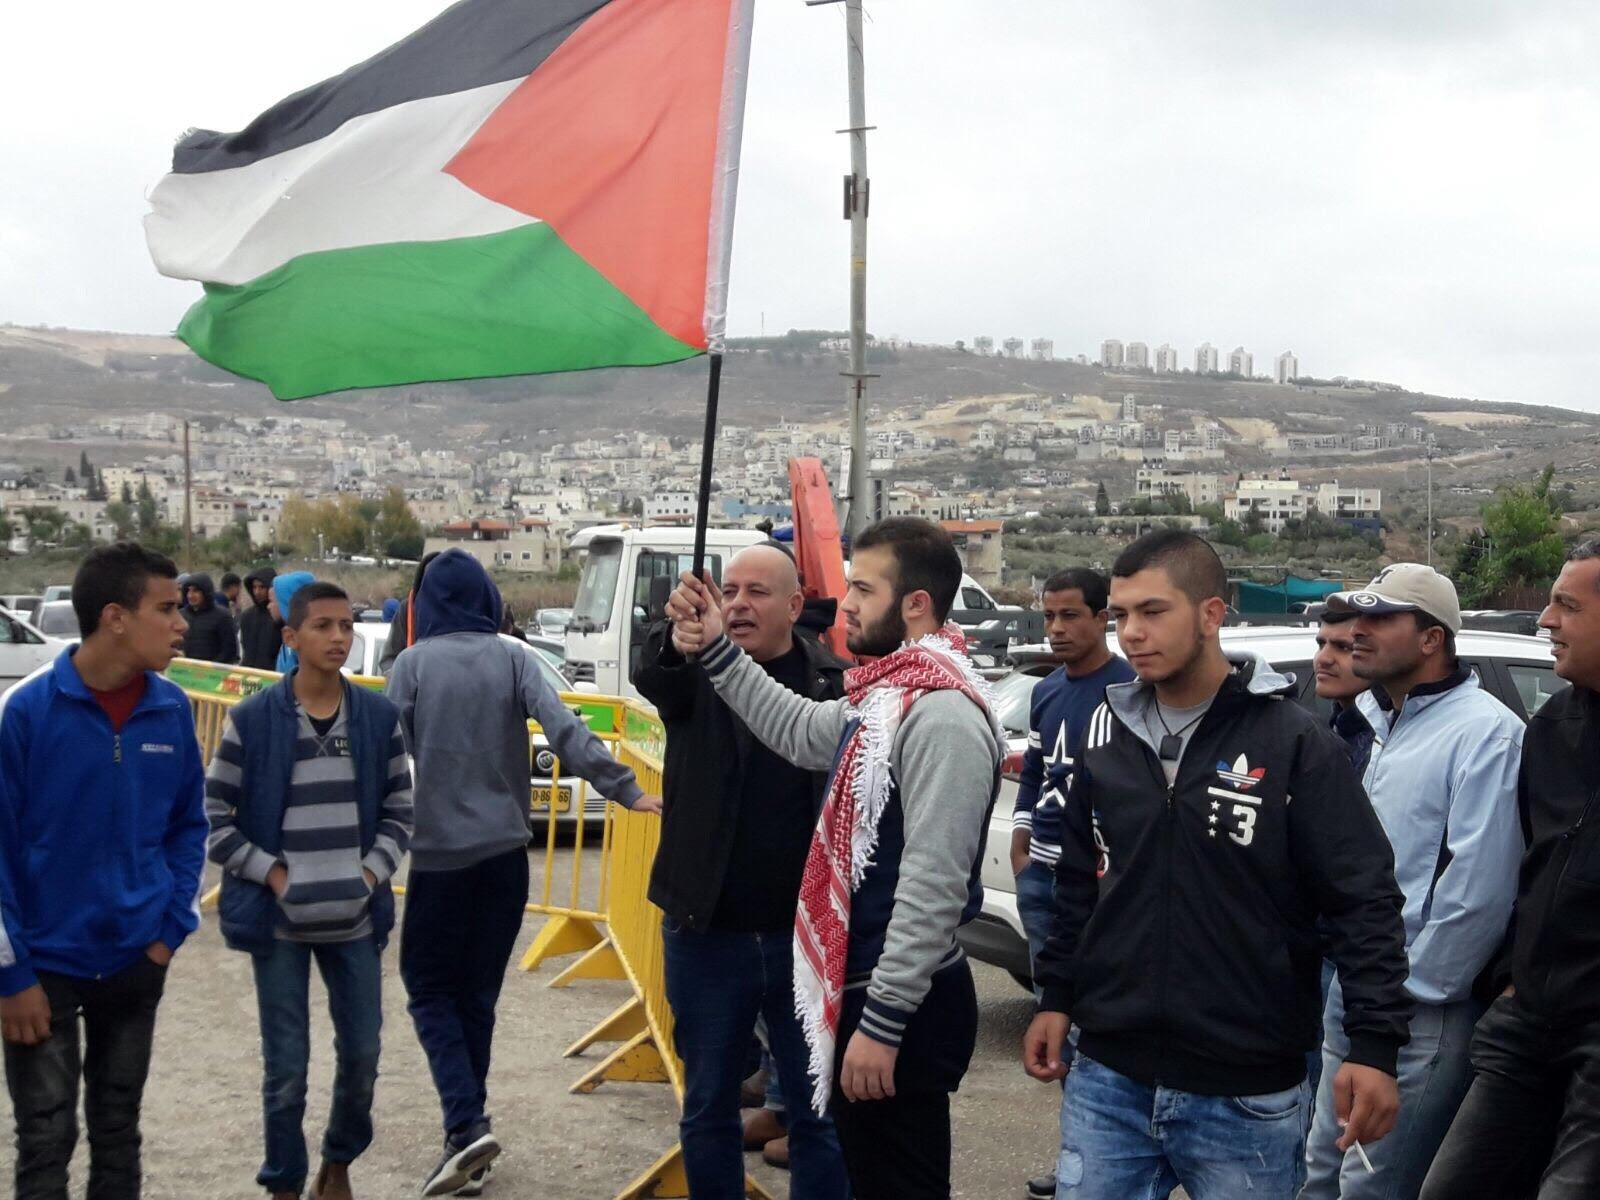 عدد من أهالي كفر كنا يتظاهرون ضد اقامة مركز الشرطة